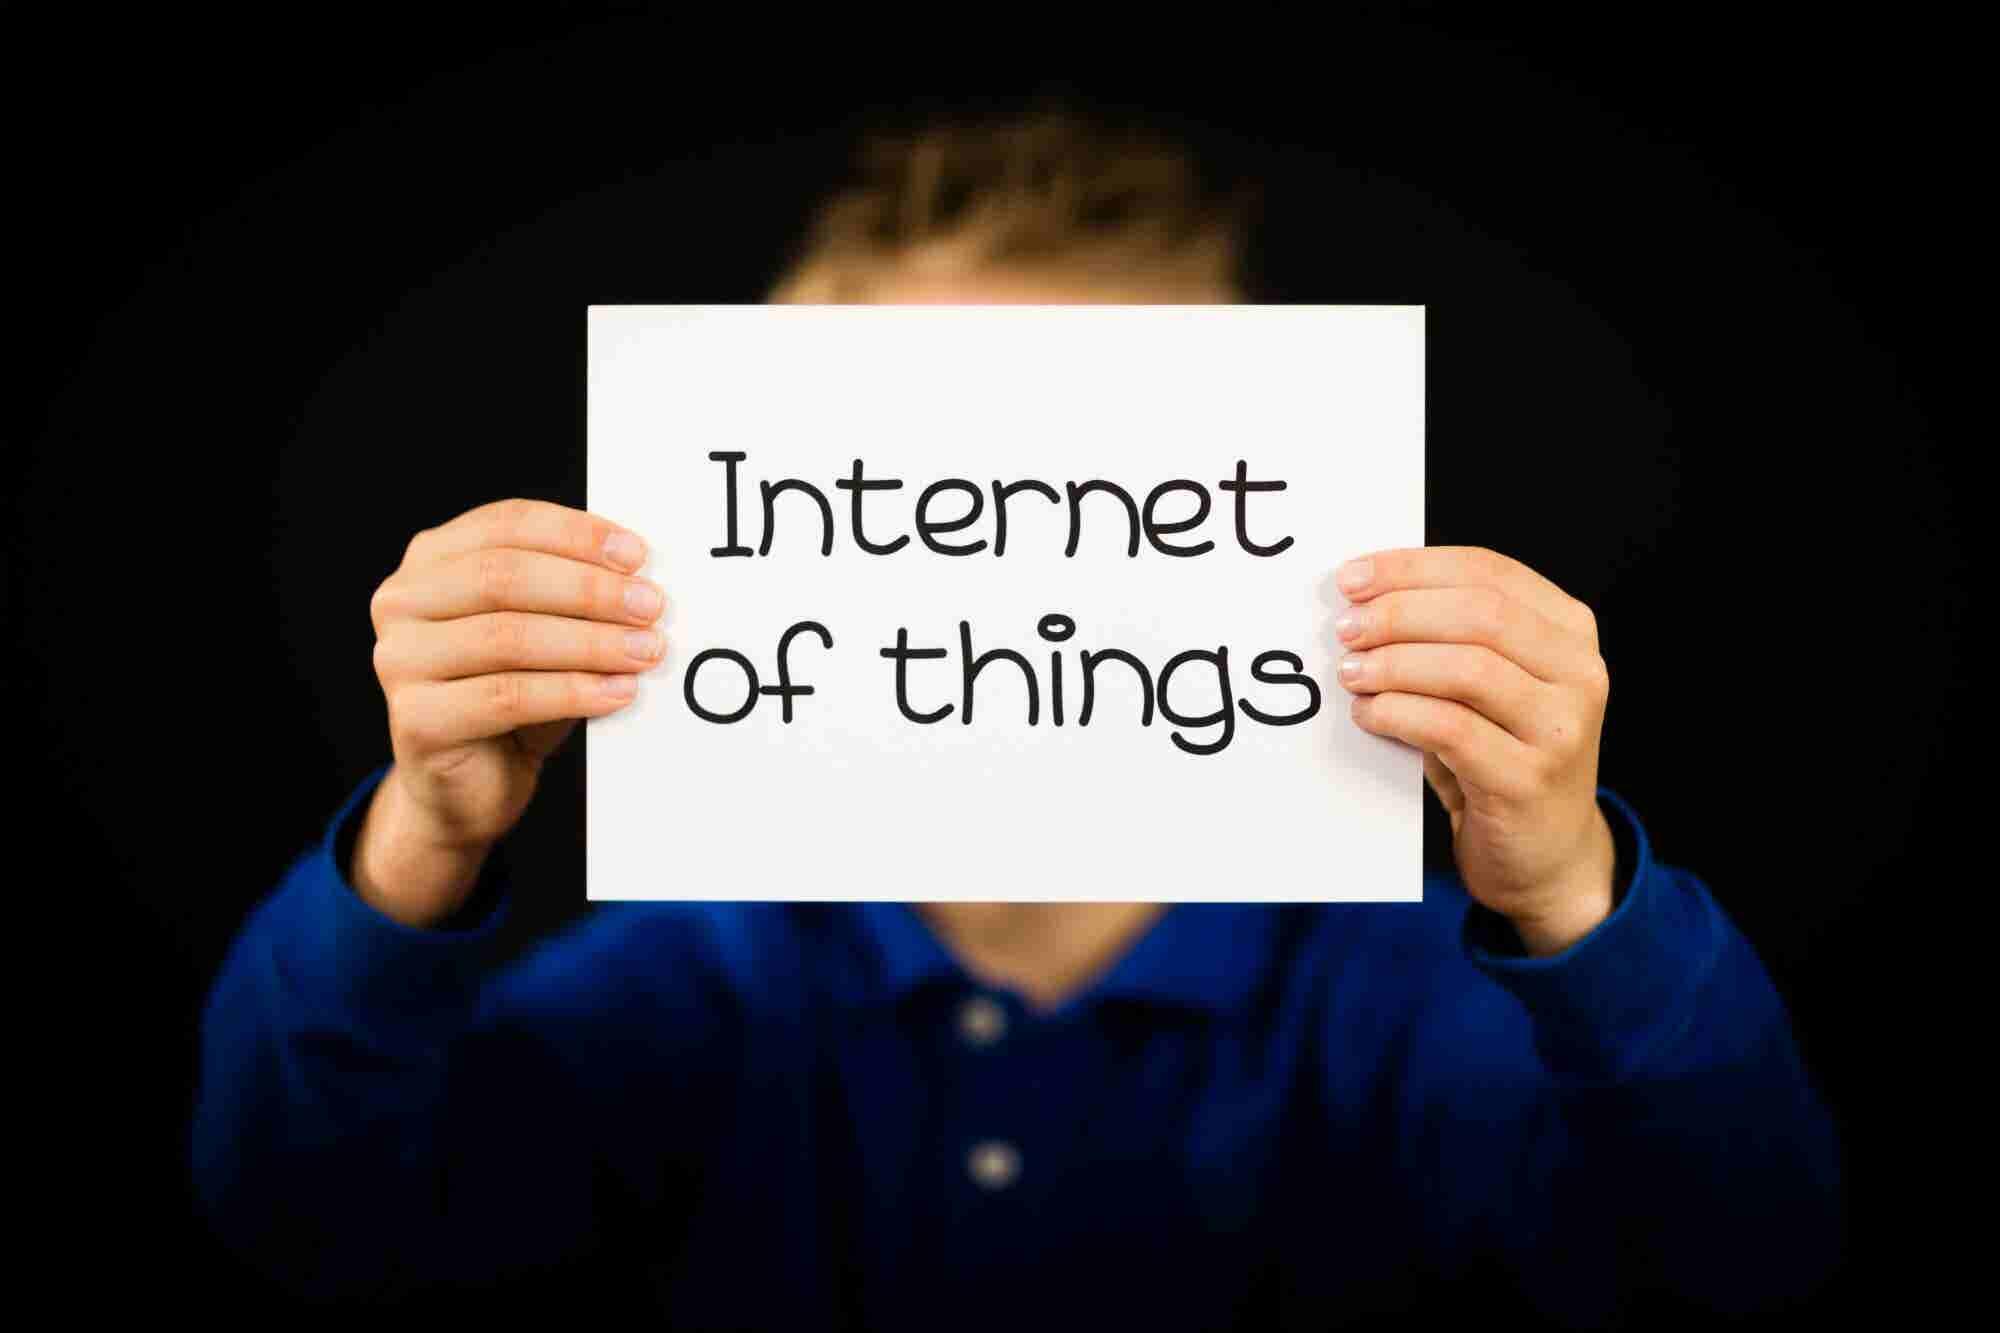 KidZania hará apuesta millonaria por el internet de las cosas